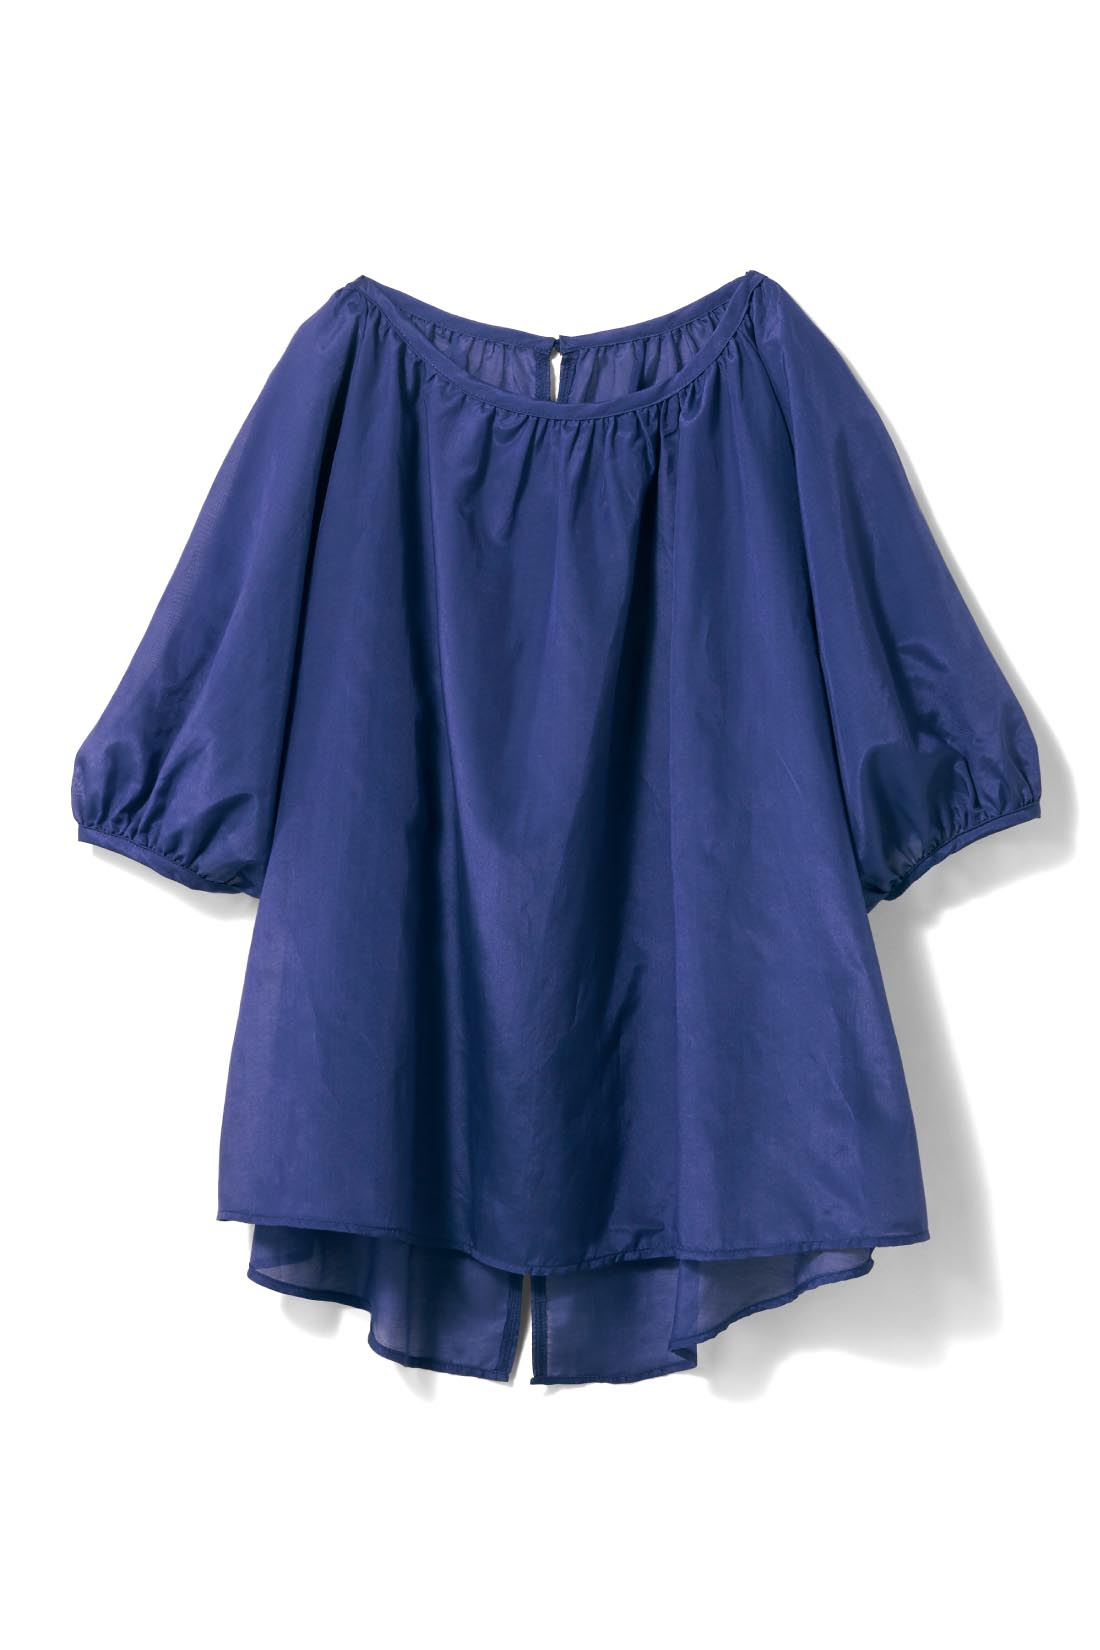 シックに着映える【オーシャンブルー】 ゆったりとした五分袖で、二の腕をカバー&ほっそり見せ。